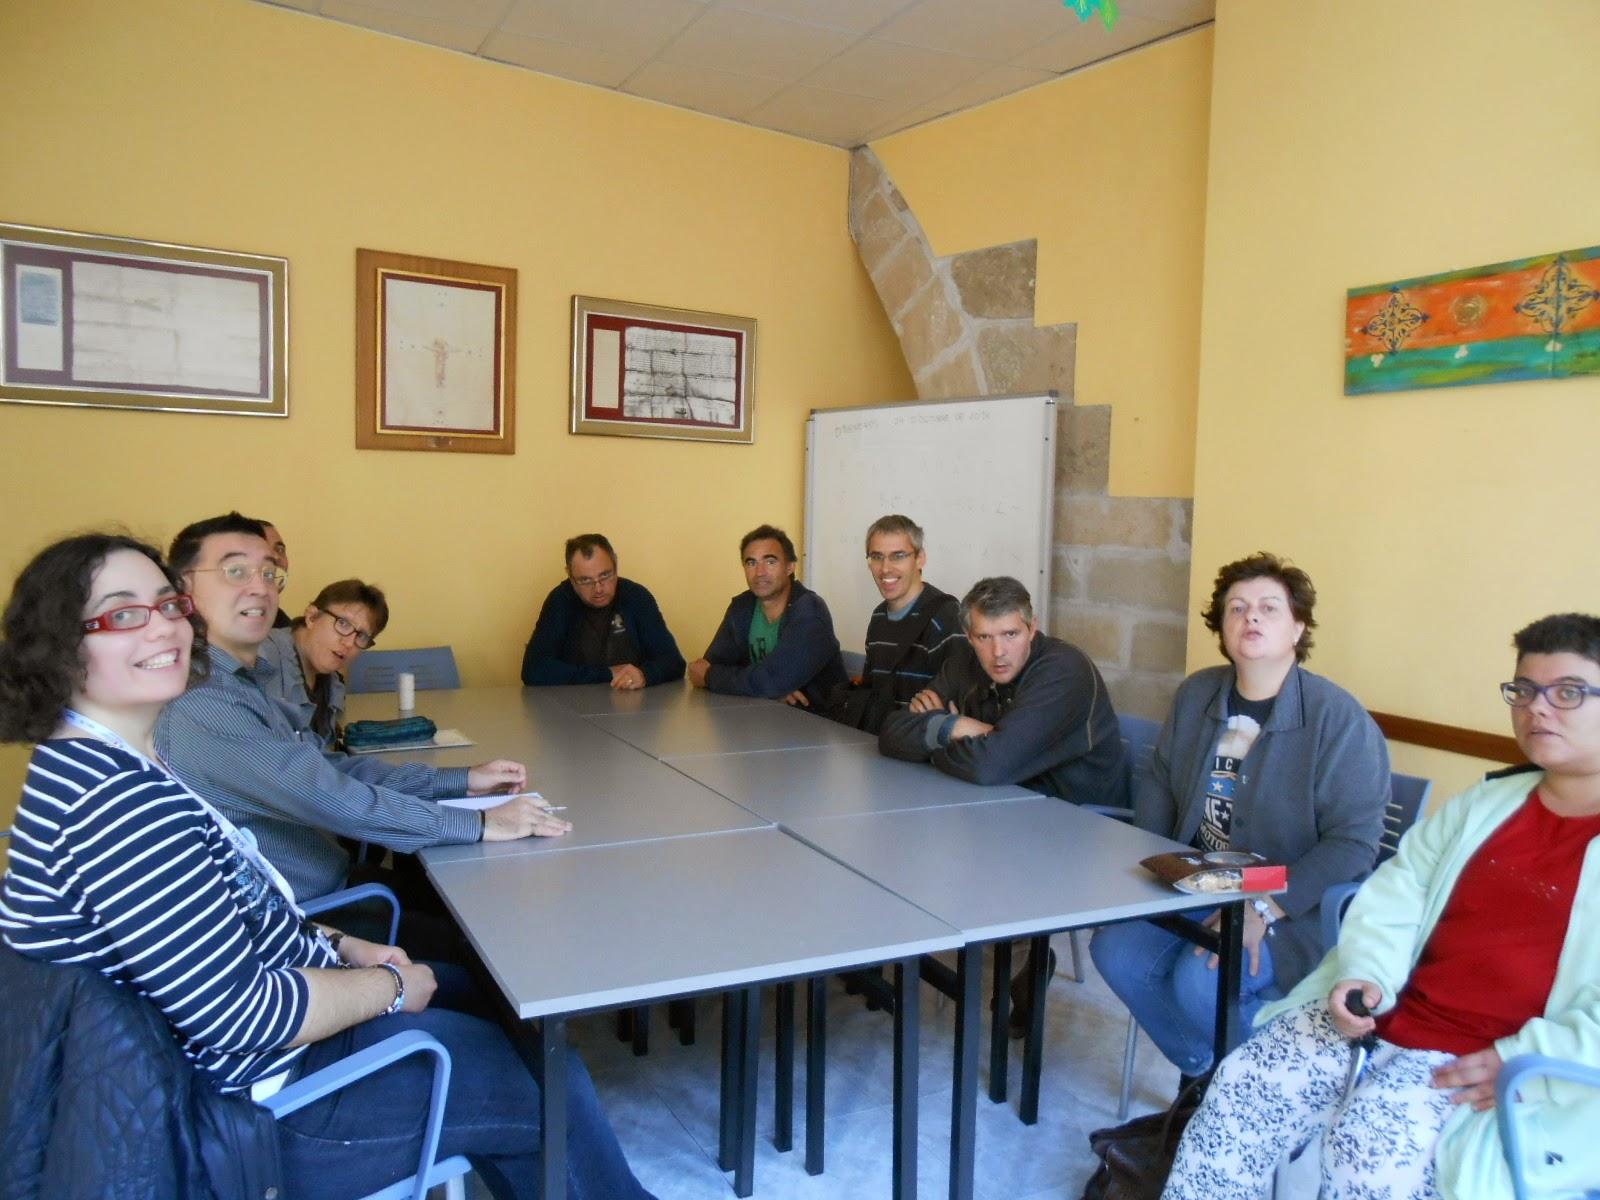 El grup de gent de Salut Mental que vam anar a fer la visita, esperant a la directora perquè ens faci l'explicació